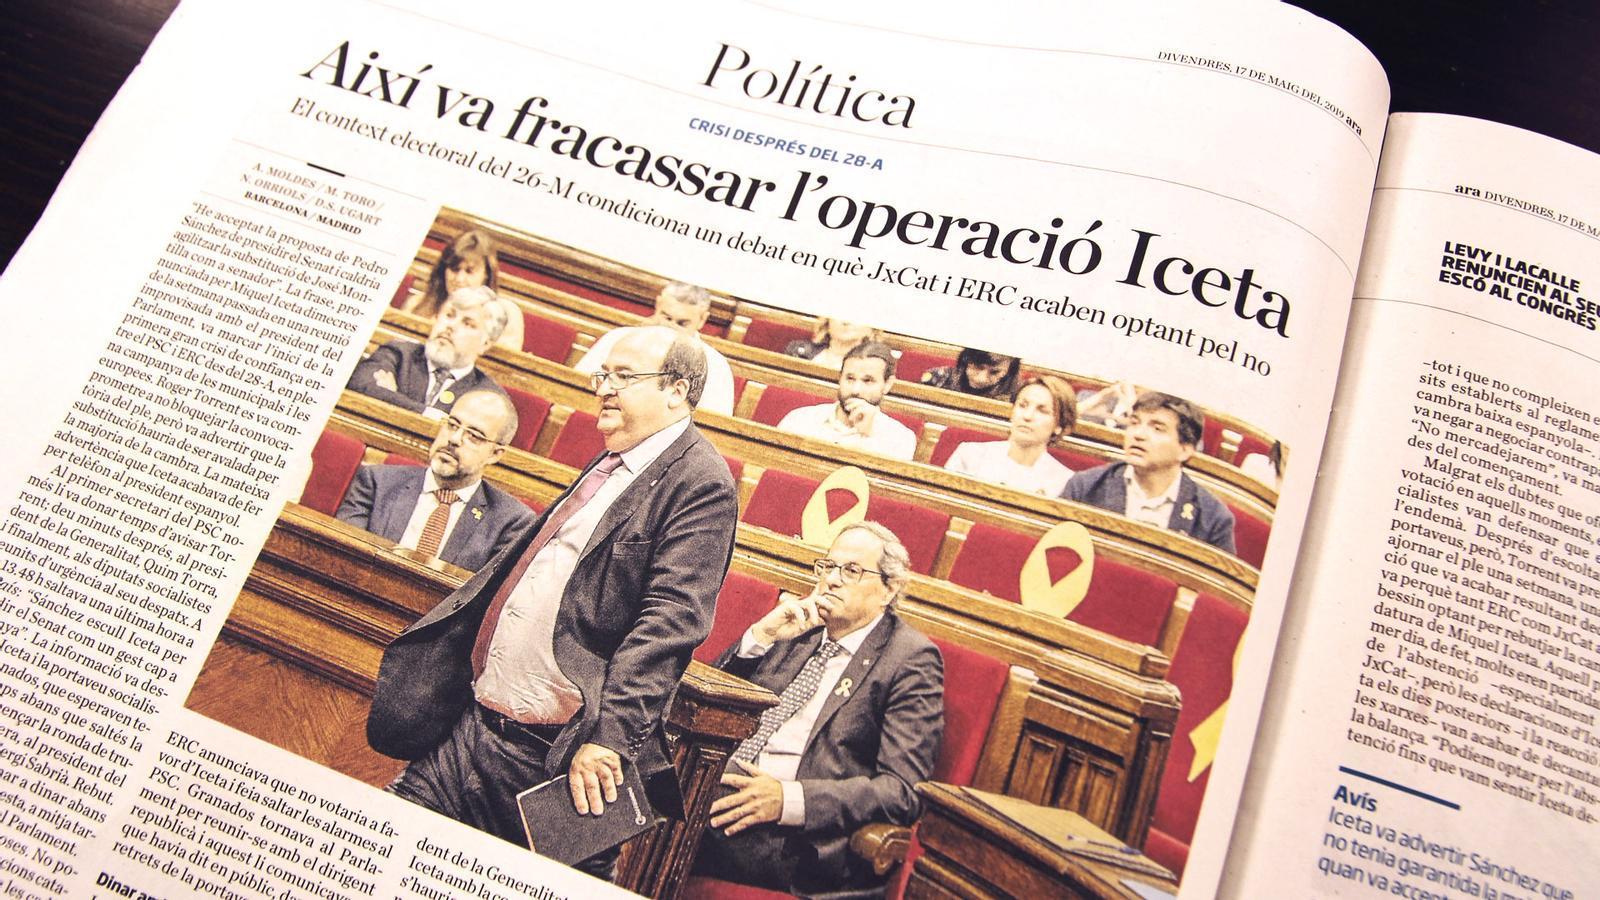 L'anàlisi d'Antoni Bassas: 'Ara que ha fracassat el bunyol de l'operació Iceta'